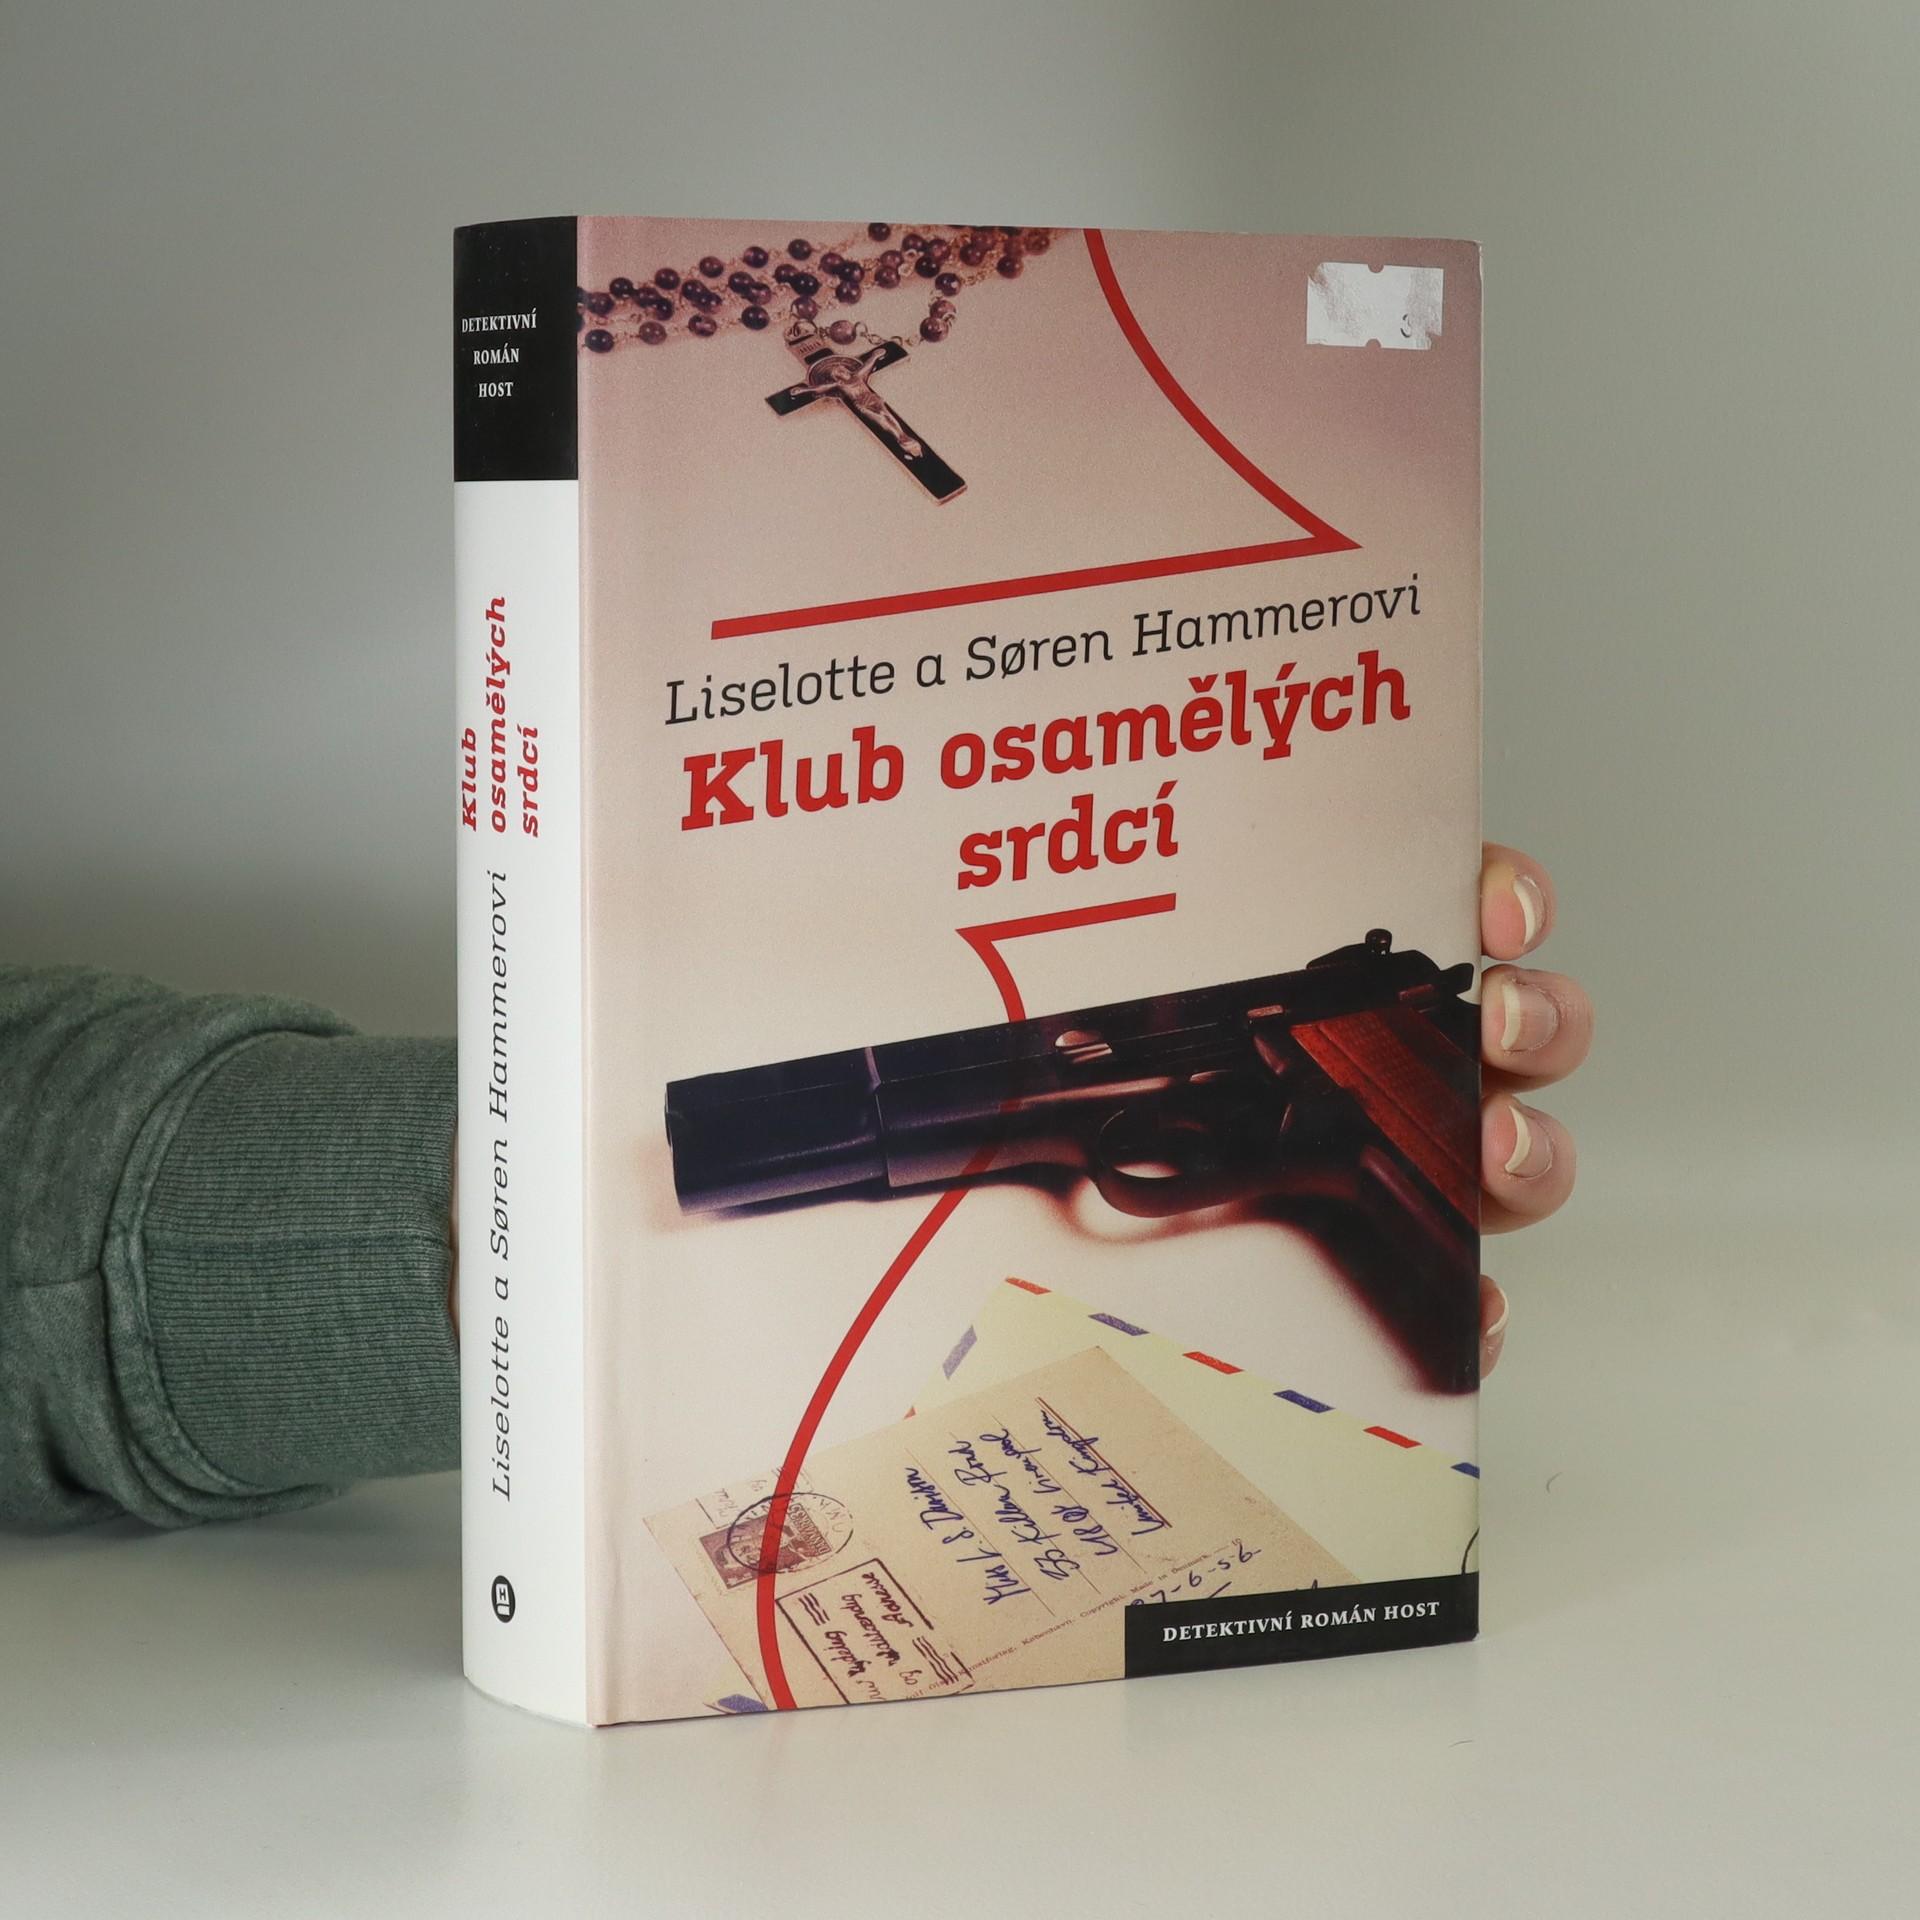 antikvární kniha Klub osamělých srdcí, 2014